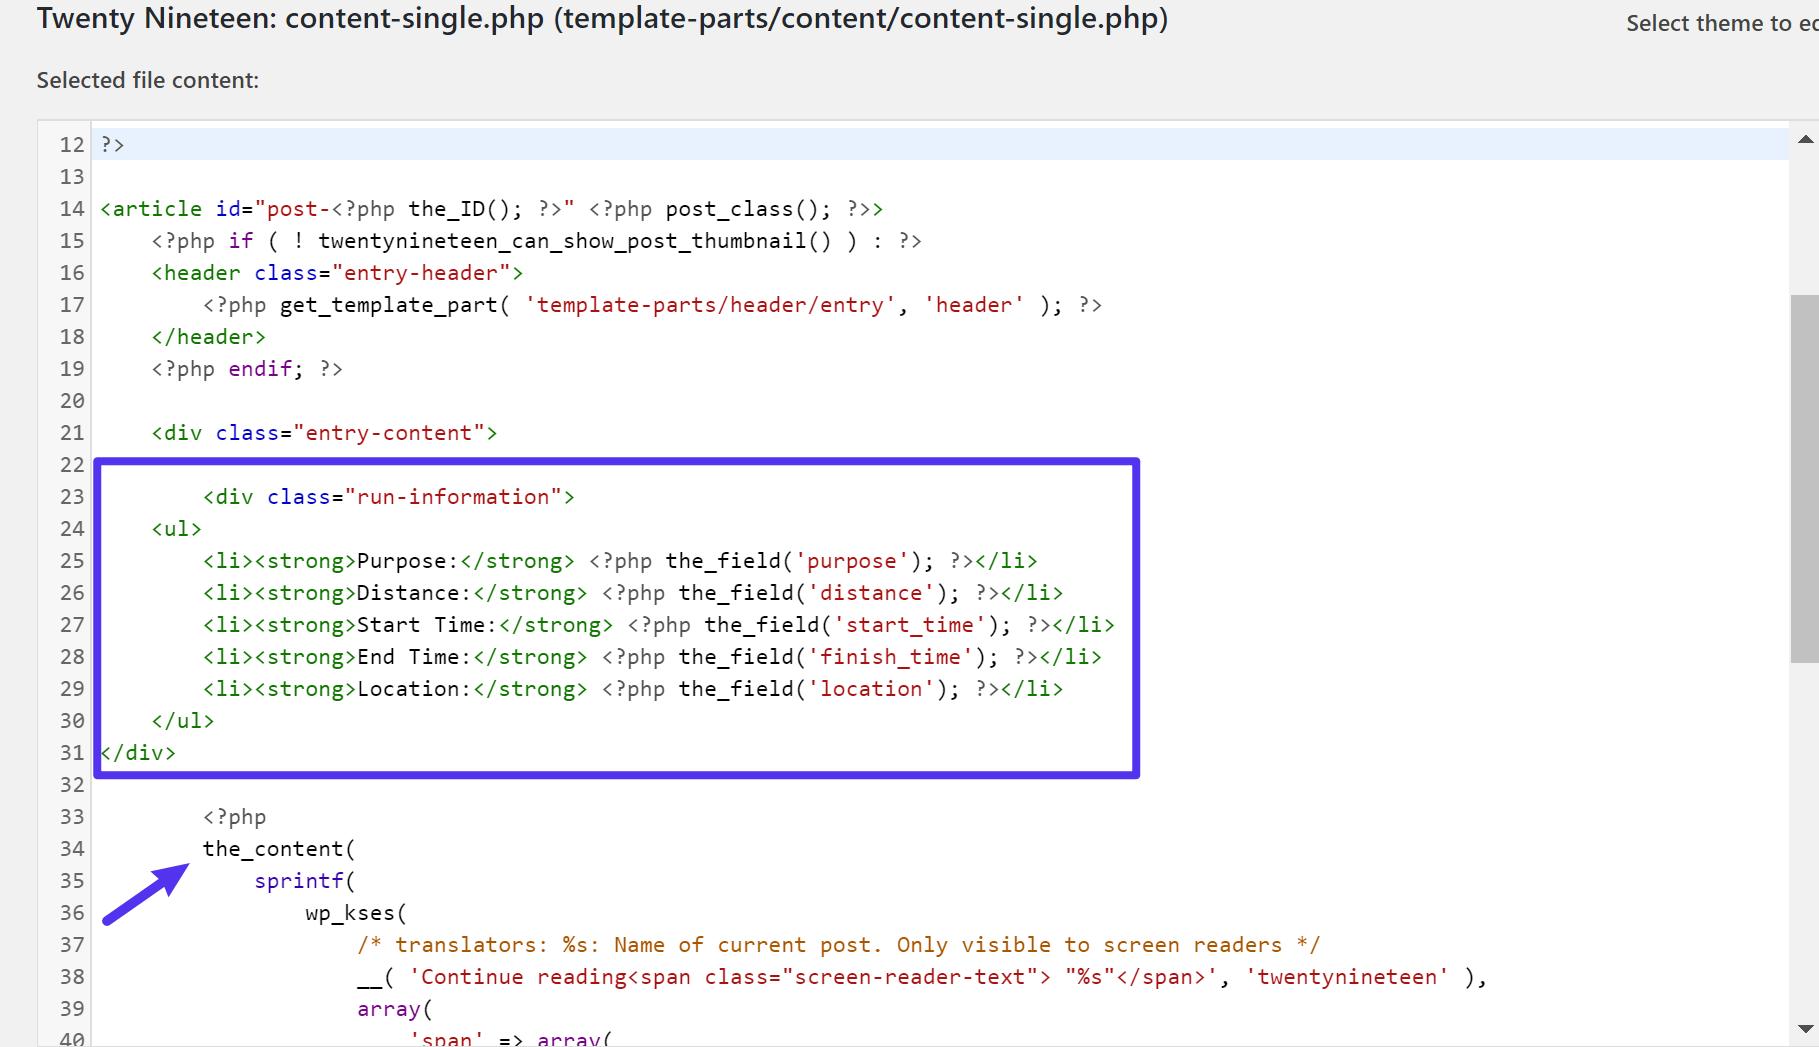 テーマテンプレートファイルのどこにコードを追加するのか